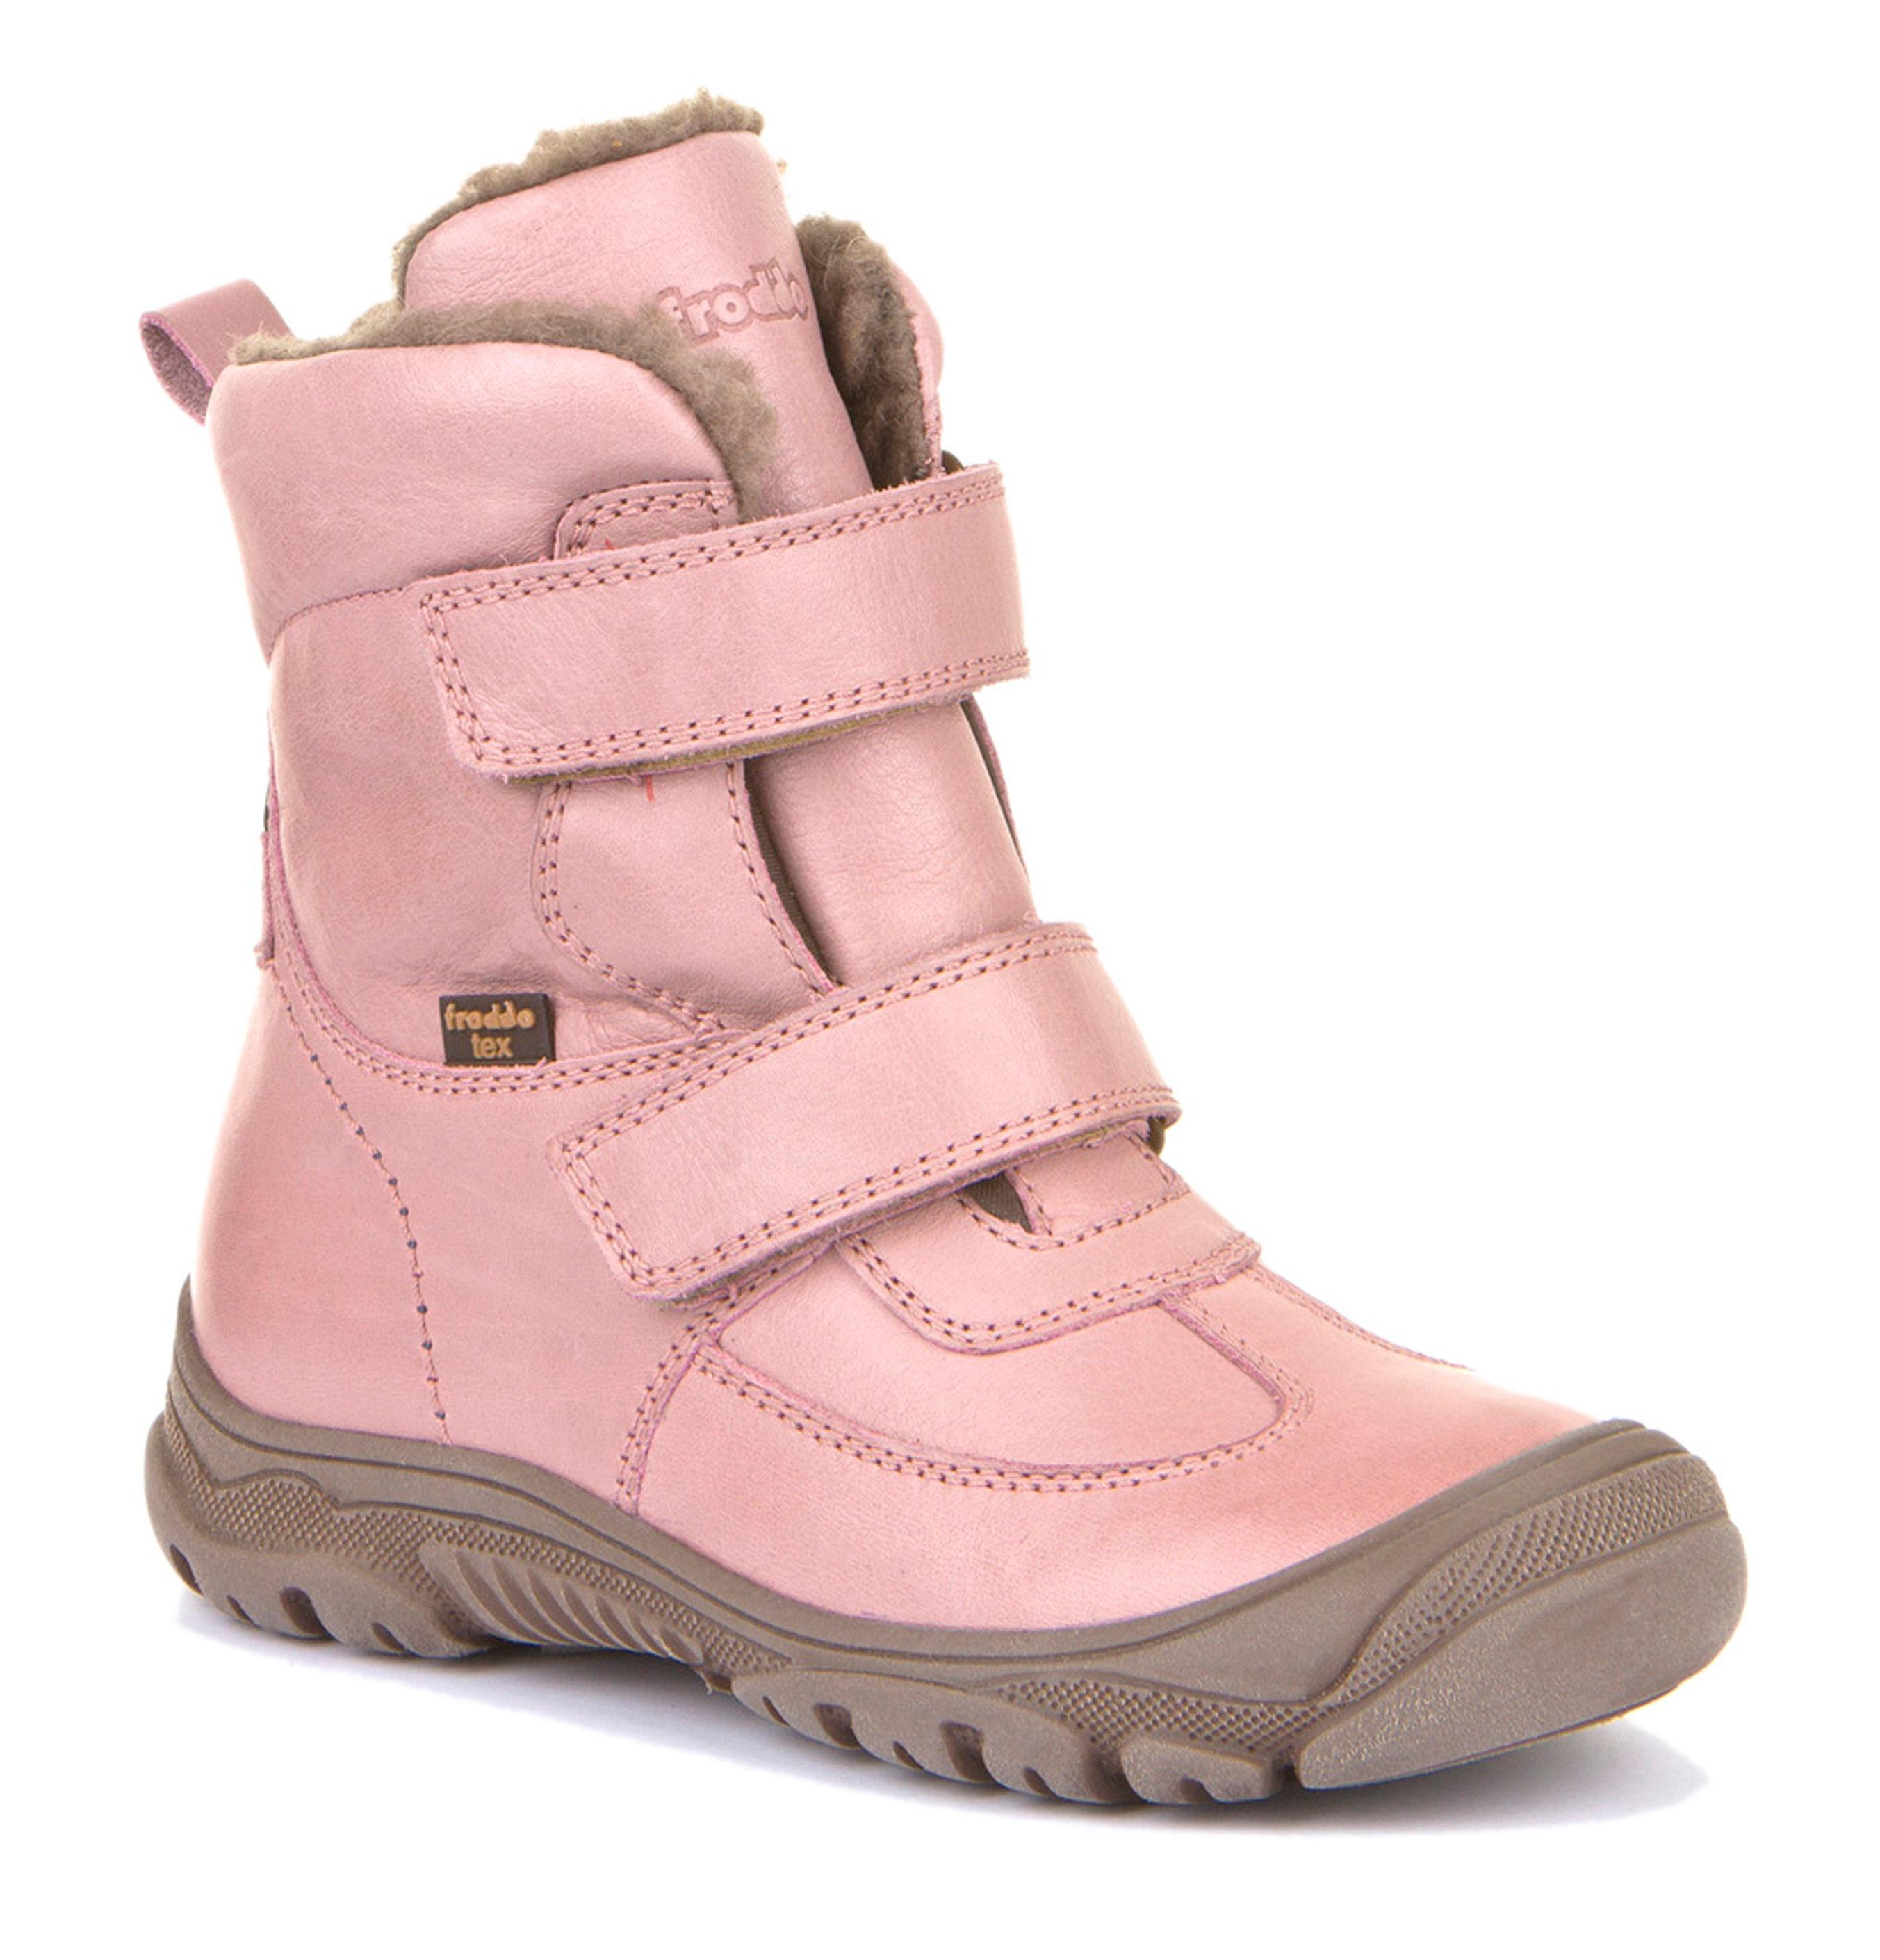 Froddo Tex Winterschuh Hoch Doppelklett Leder Pink